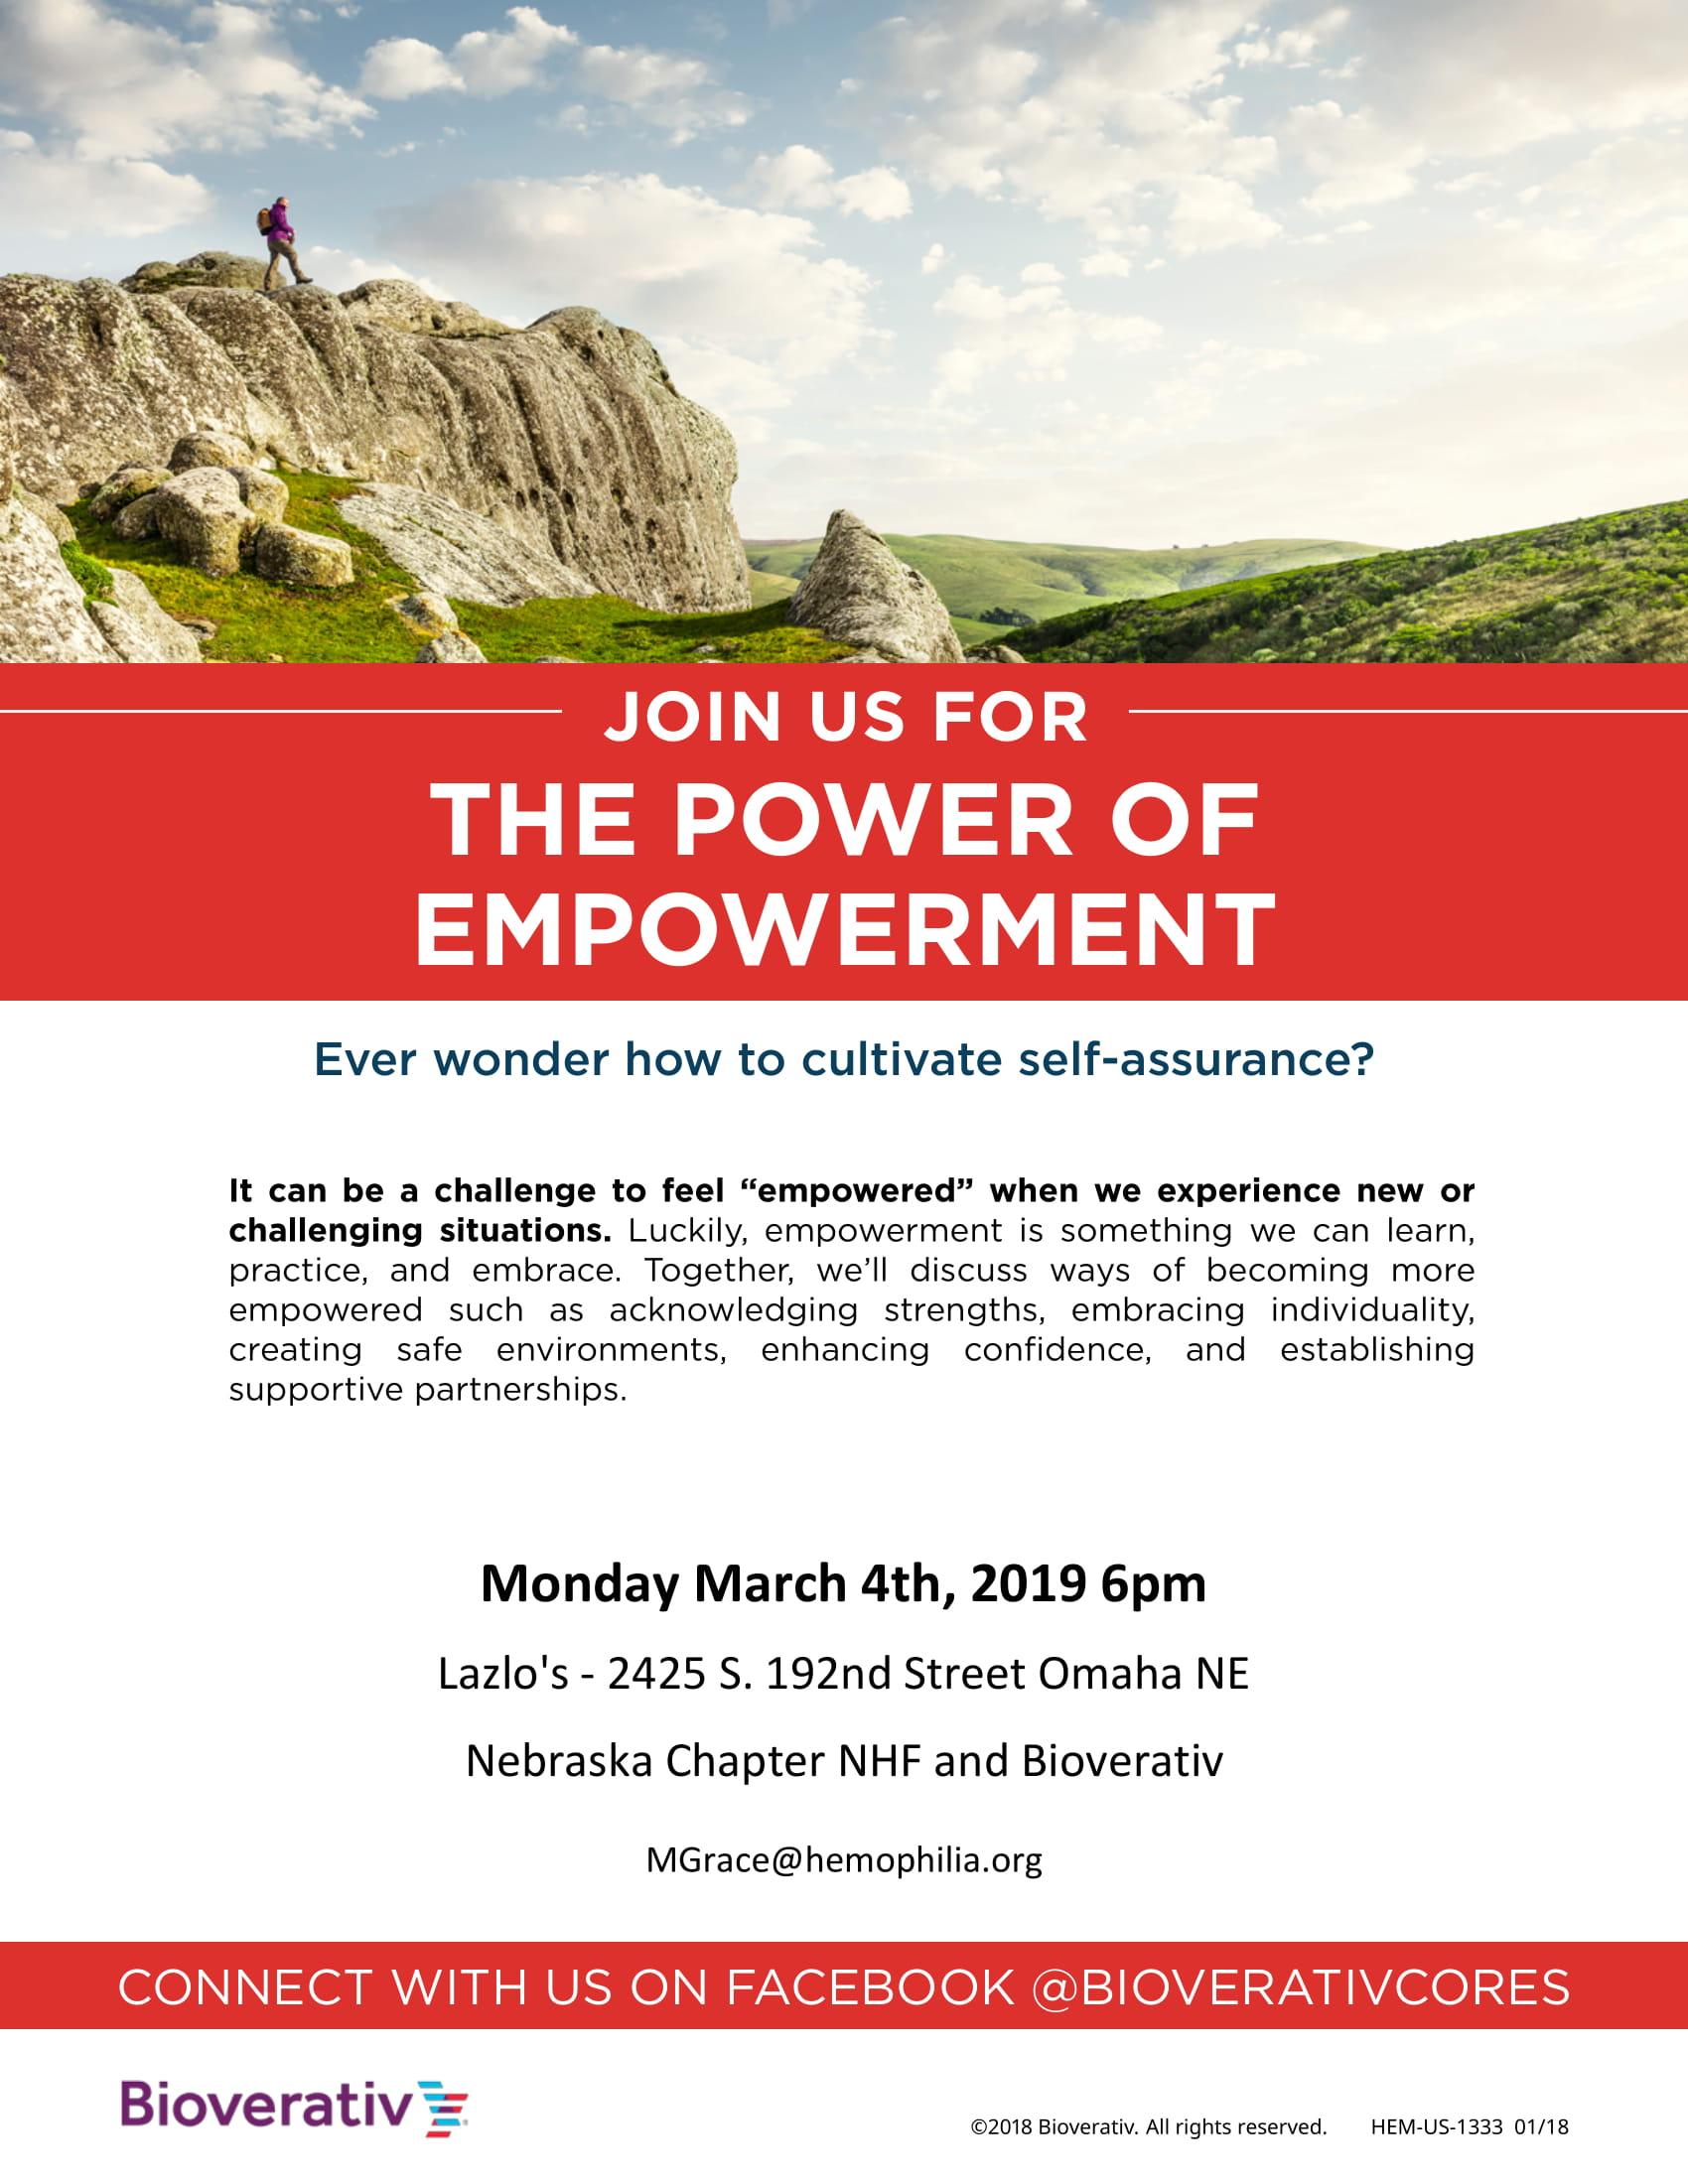 Power of Empowerment